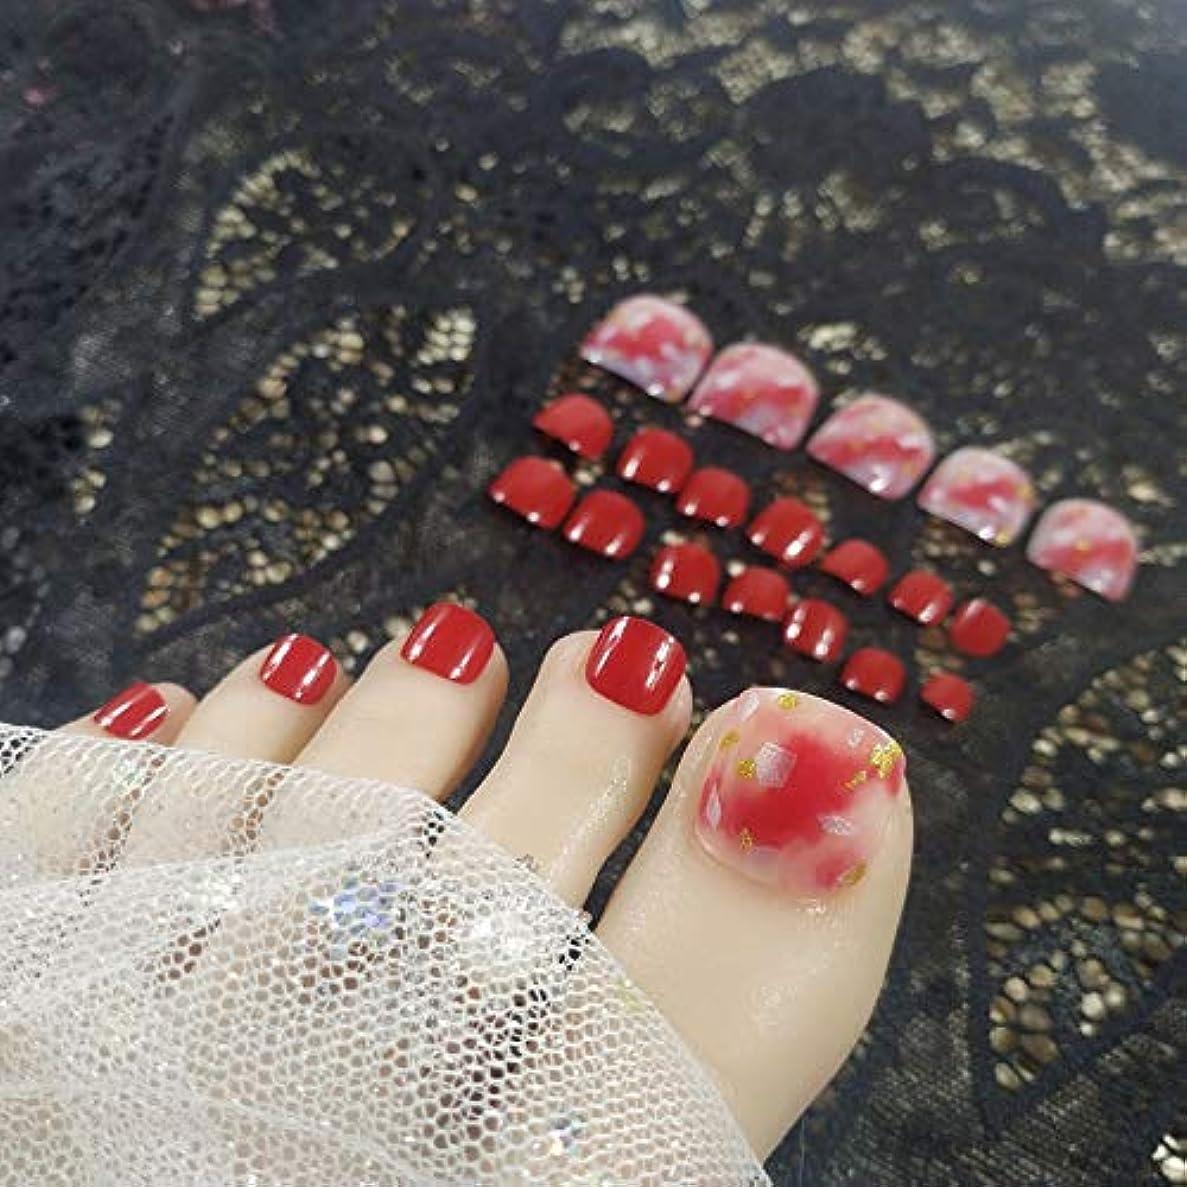 24枚入 ピンクと素敵な 足用 手作りネイルチップ シェルロード むら染デザイン 可愛い優雅ネイル つま先ネイルパッチ